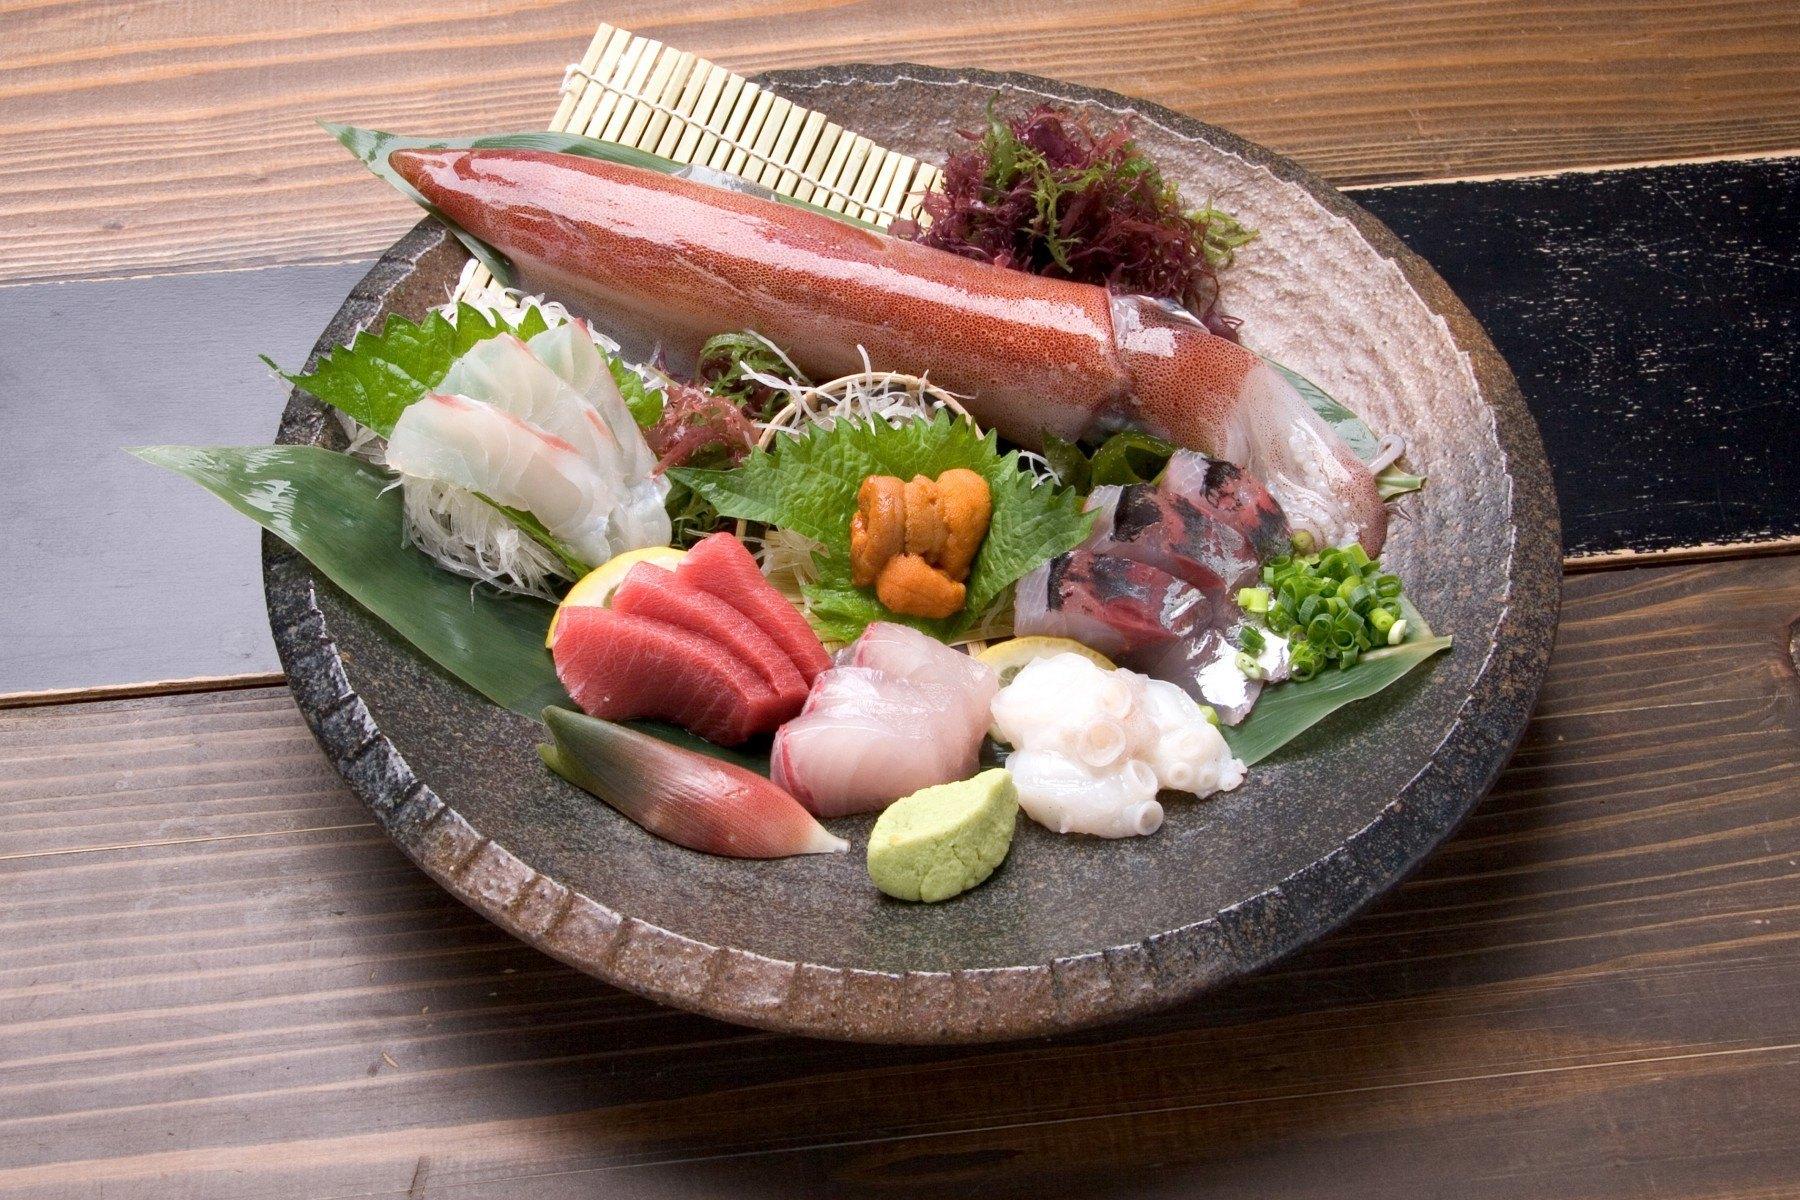 魚介類の盛り合わせ(2006)の画像